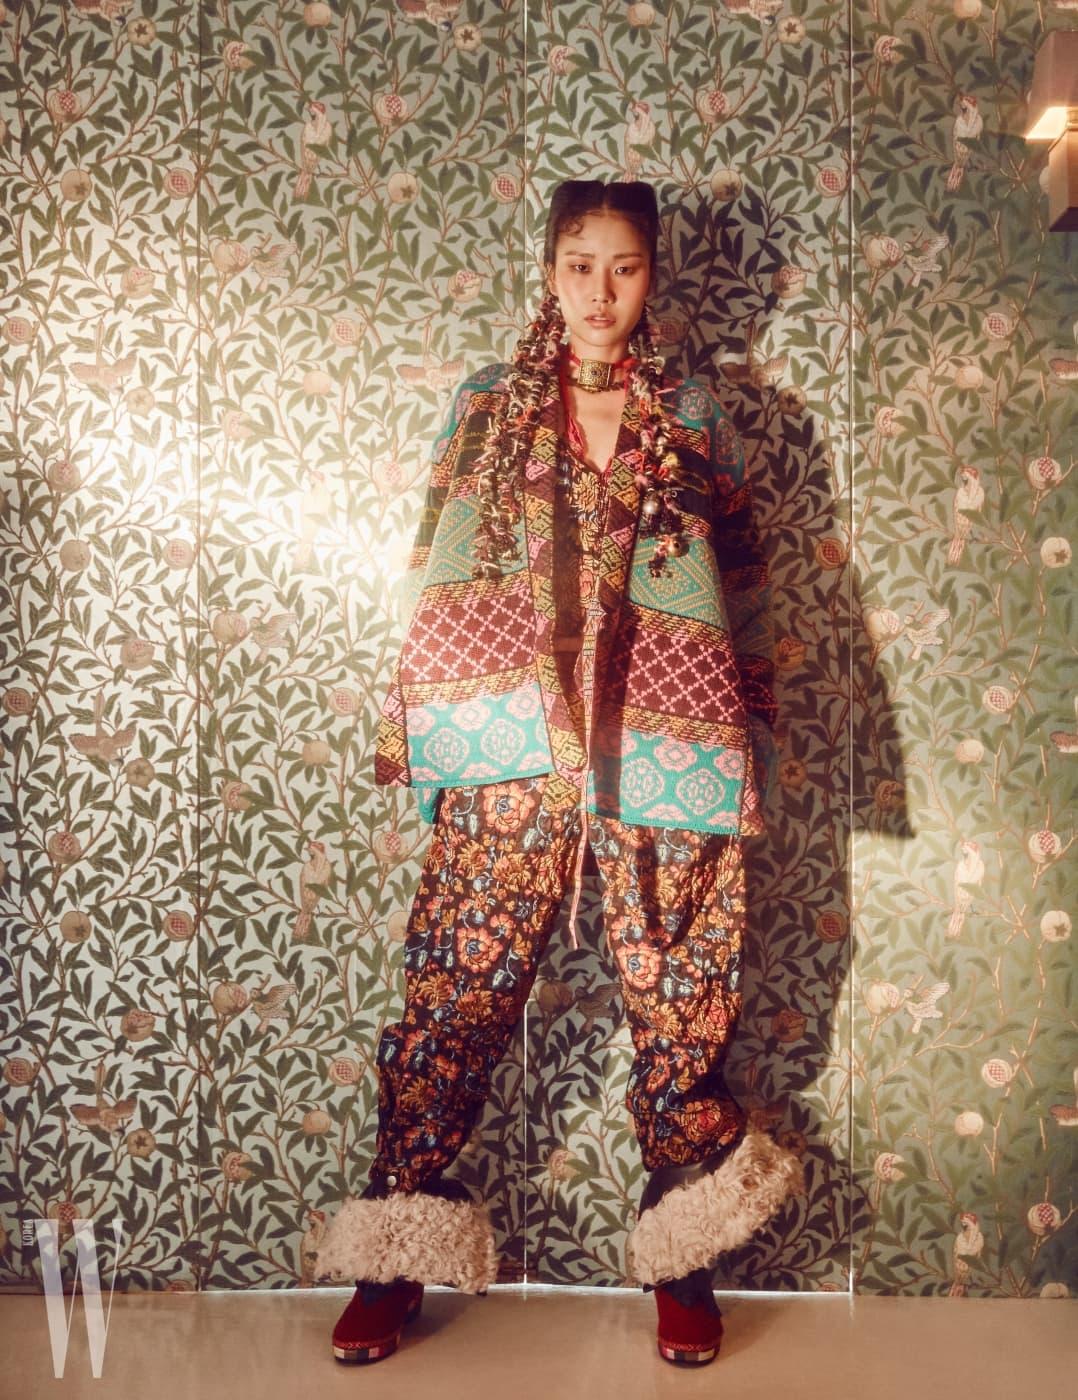 기모노 스타일의 니트 소재 아우터, 입체적인 꽃무늬 톱, 퀼트 팬츠, 양털 장식 에스닉 부츠, 분홍 색실과 금속 참 장식 목걸이, 함께 연출한 에스닉 금속 목걸이는 모두 Etro 제품.